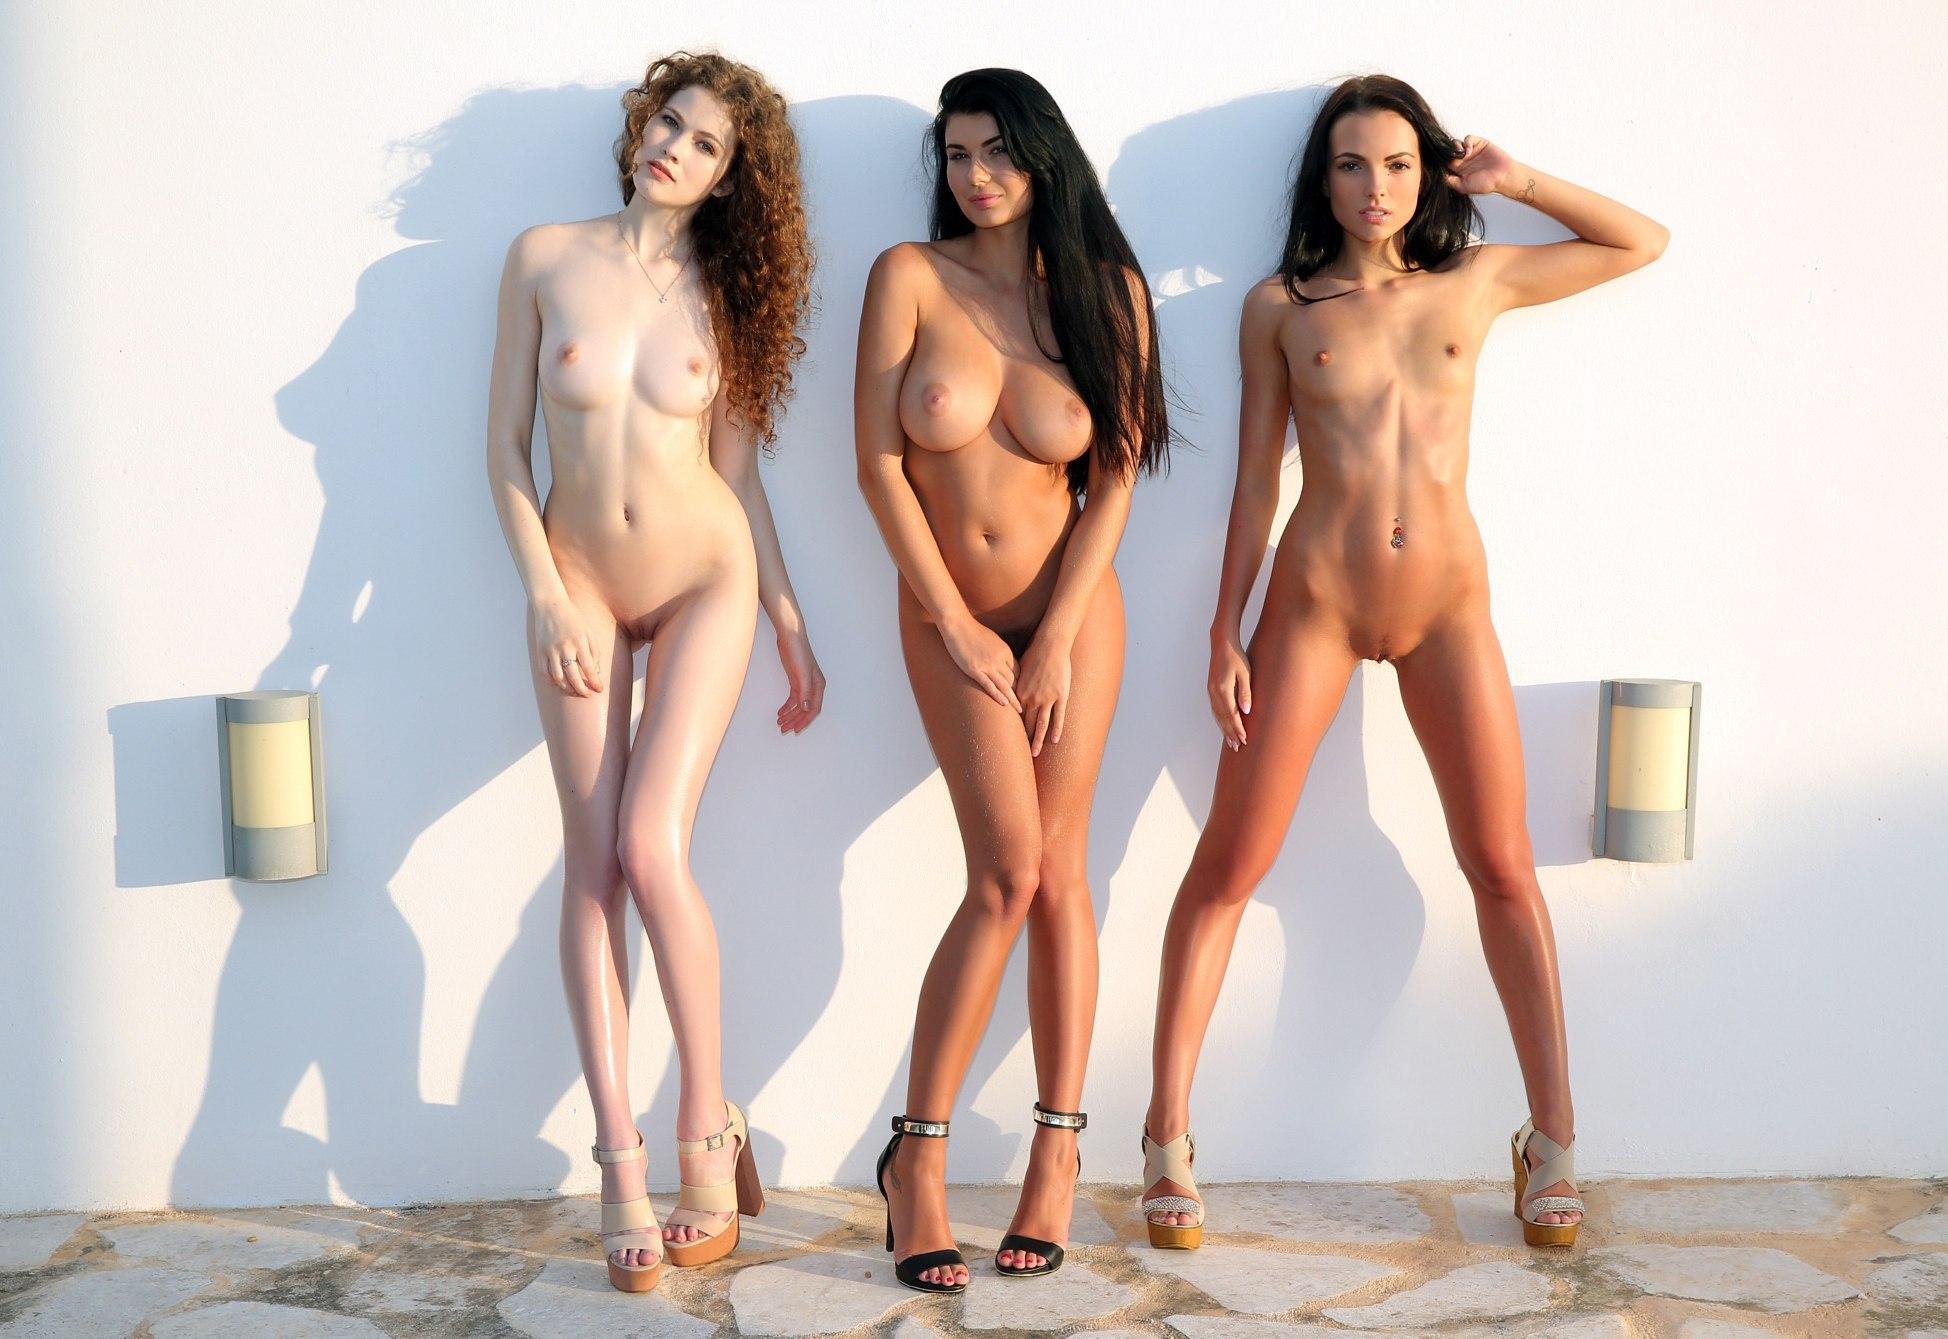 igri-golie-fotomodeli-ivi-doris-porno